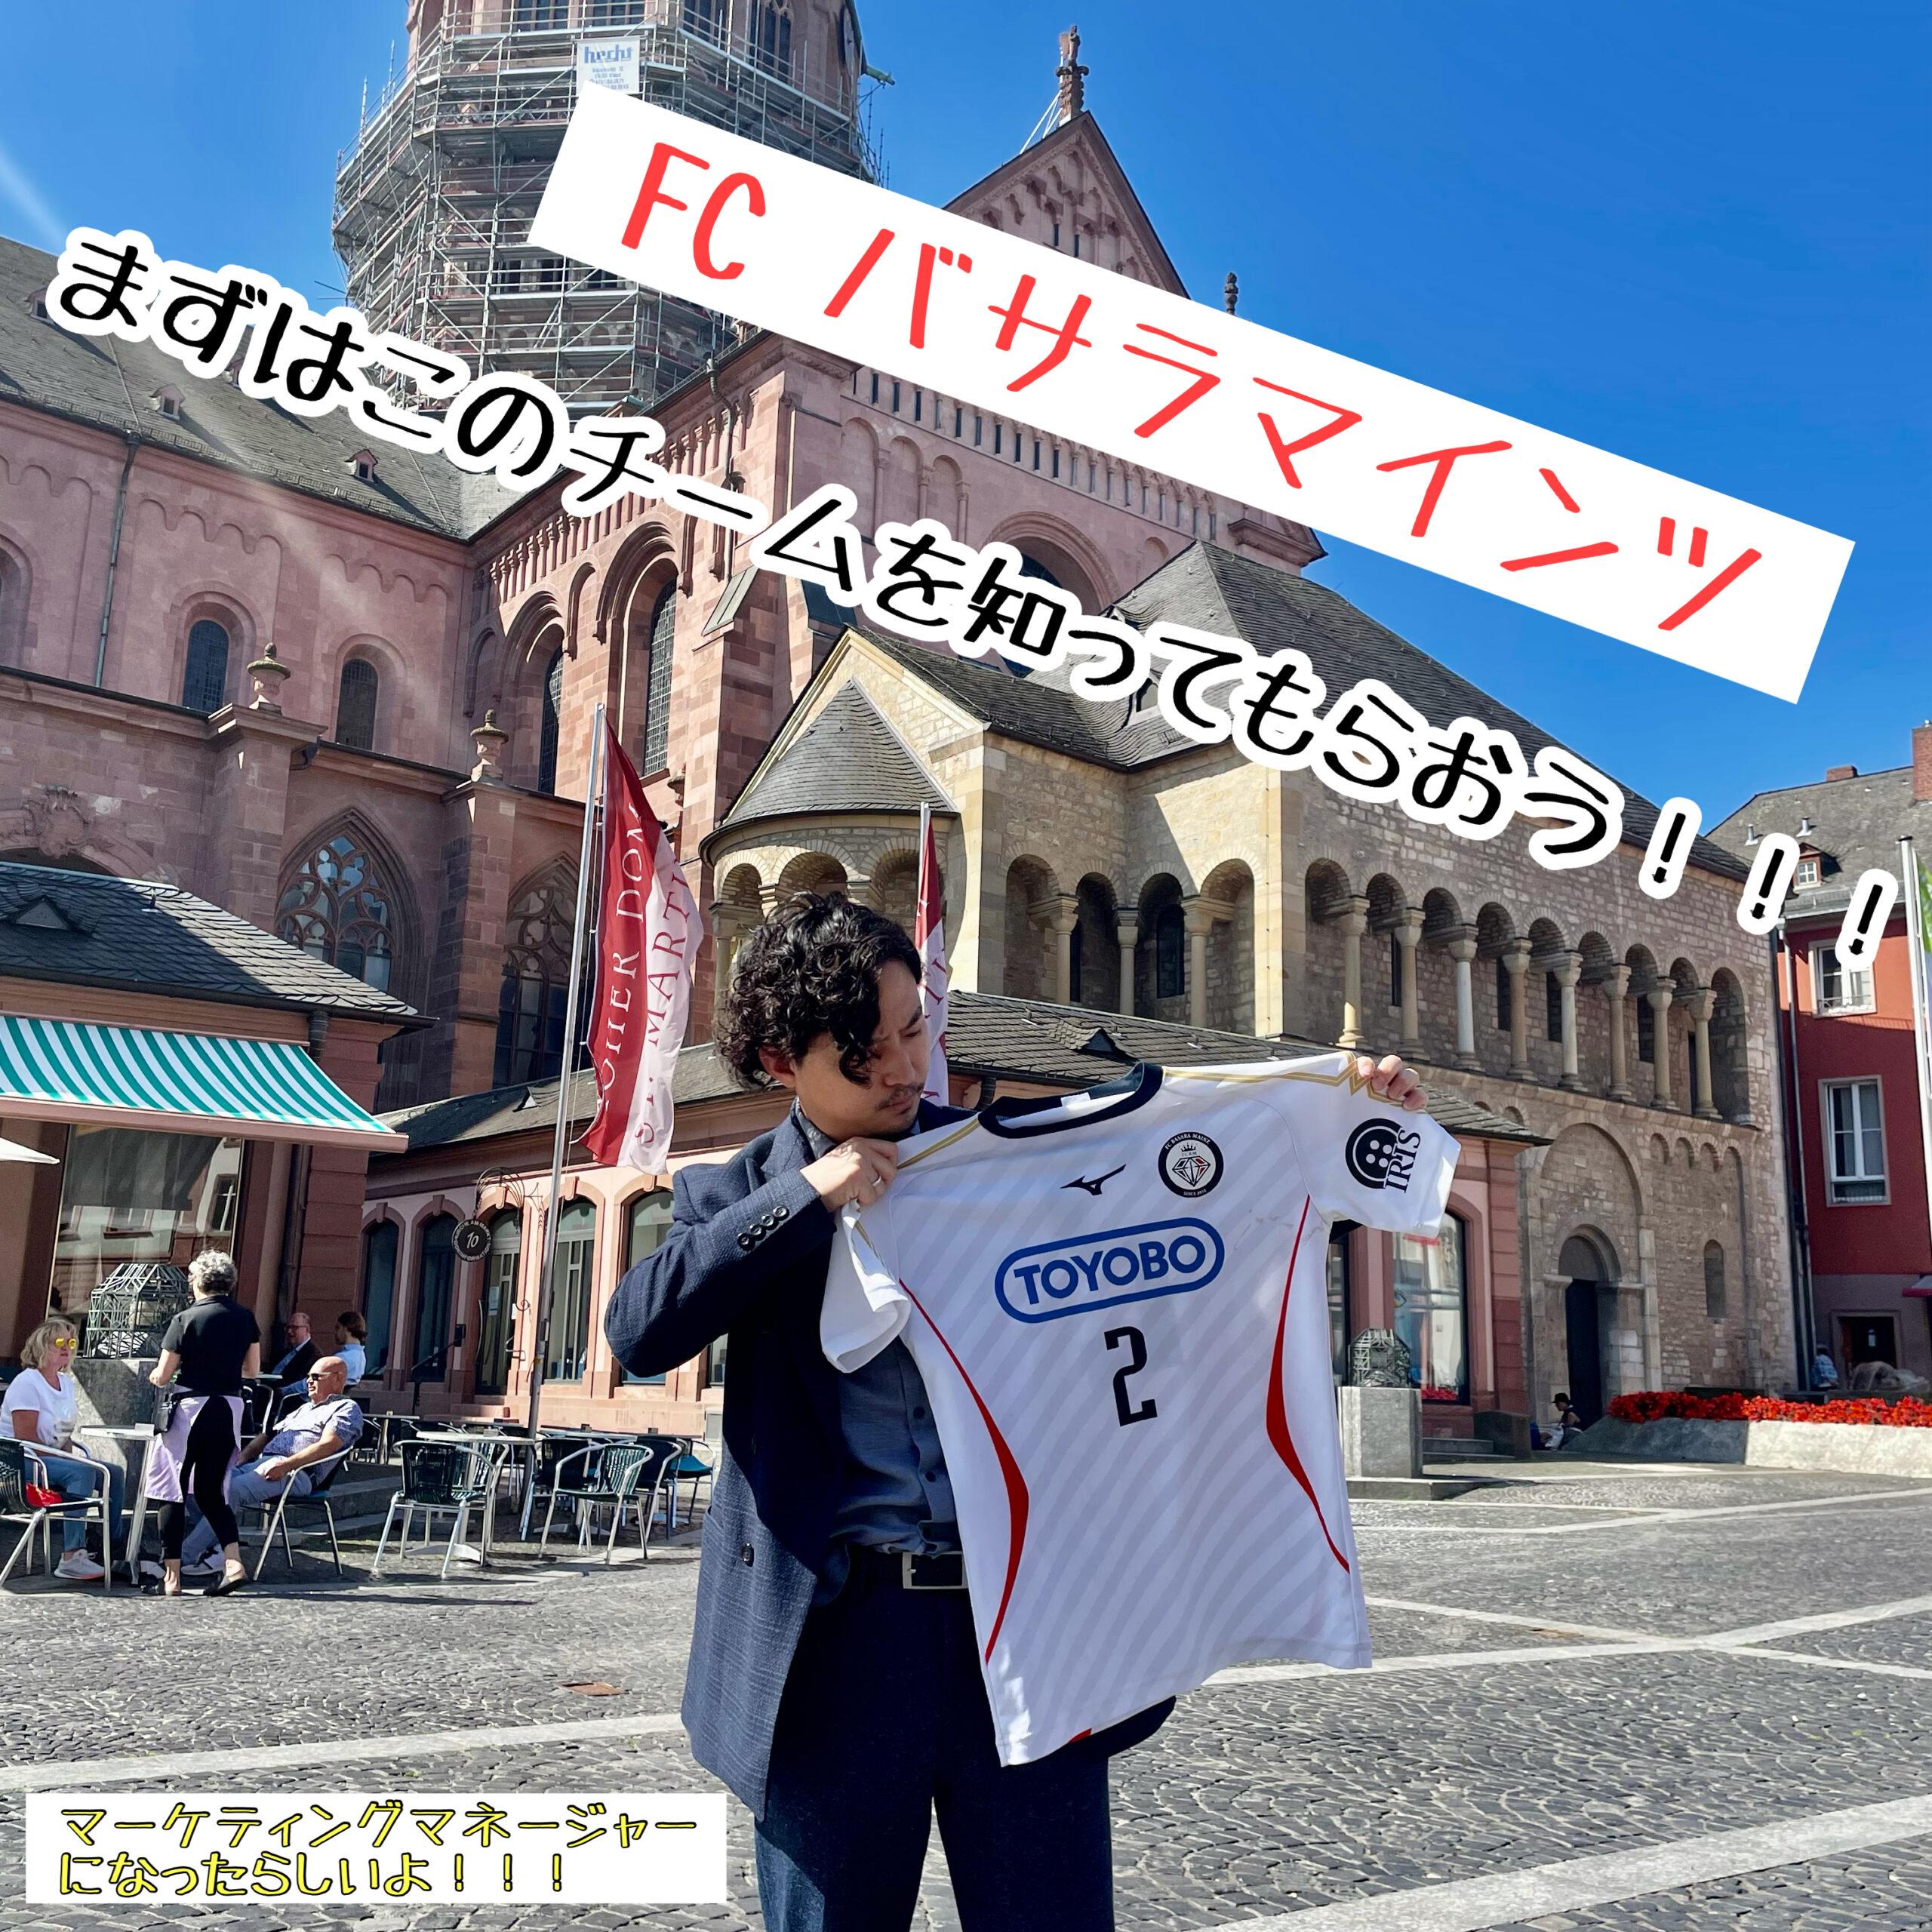 【ご報告】FCバサラマインツ マーケティングマネージャーにて活動開始!!6部から夢を実現に。ブンデスリーガ1部を目指す